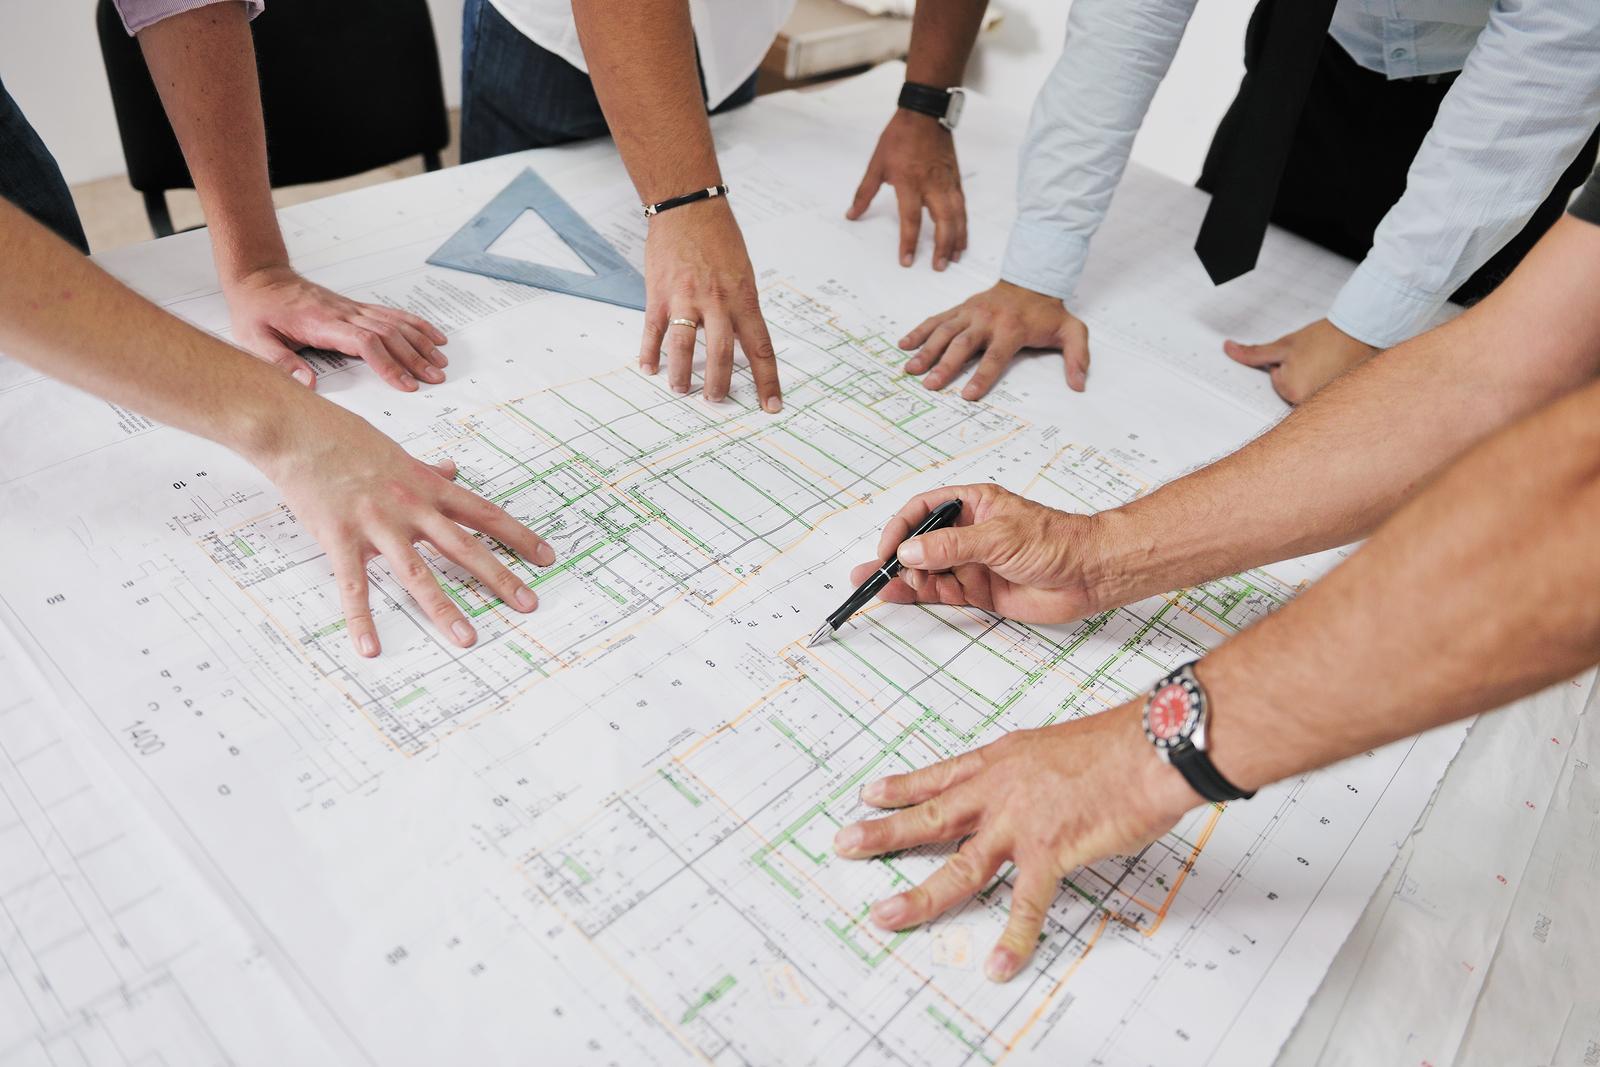 equipe de arquitetos desenhando